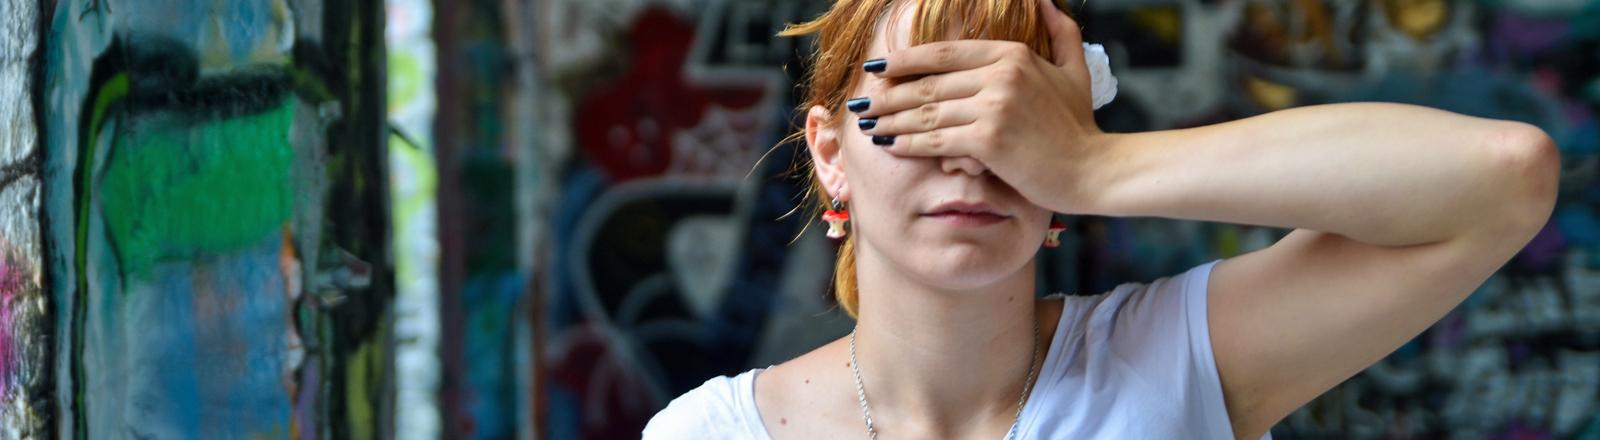 Eine Frau hält sich die Hand vor die Augen: Facepalm!